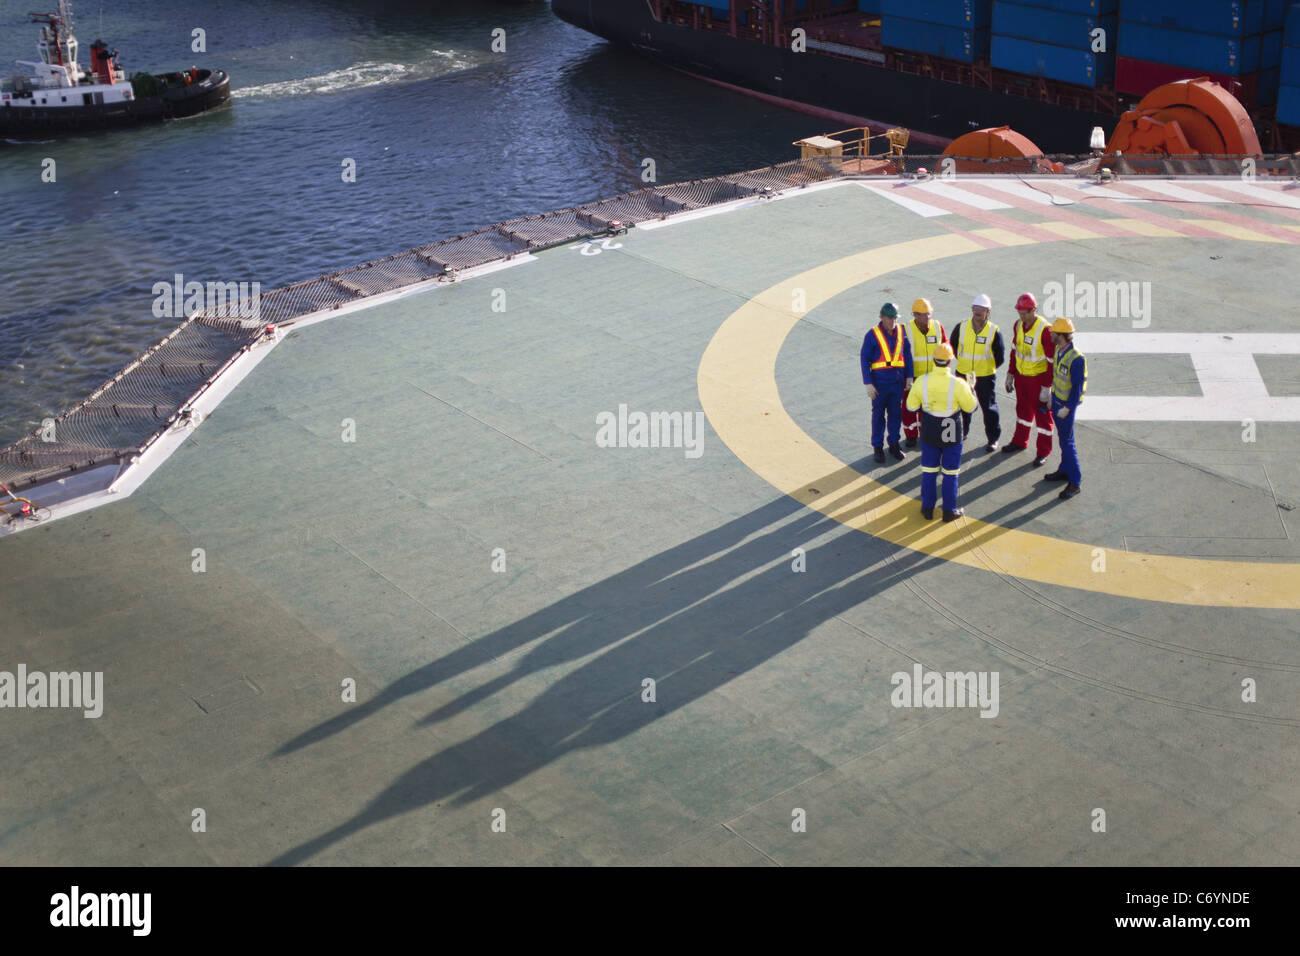 Parler de l'héliport de travailleurs sur plate-forme pétrolière Photo Stock